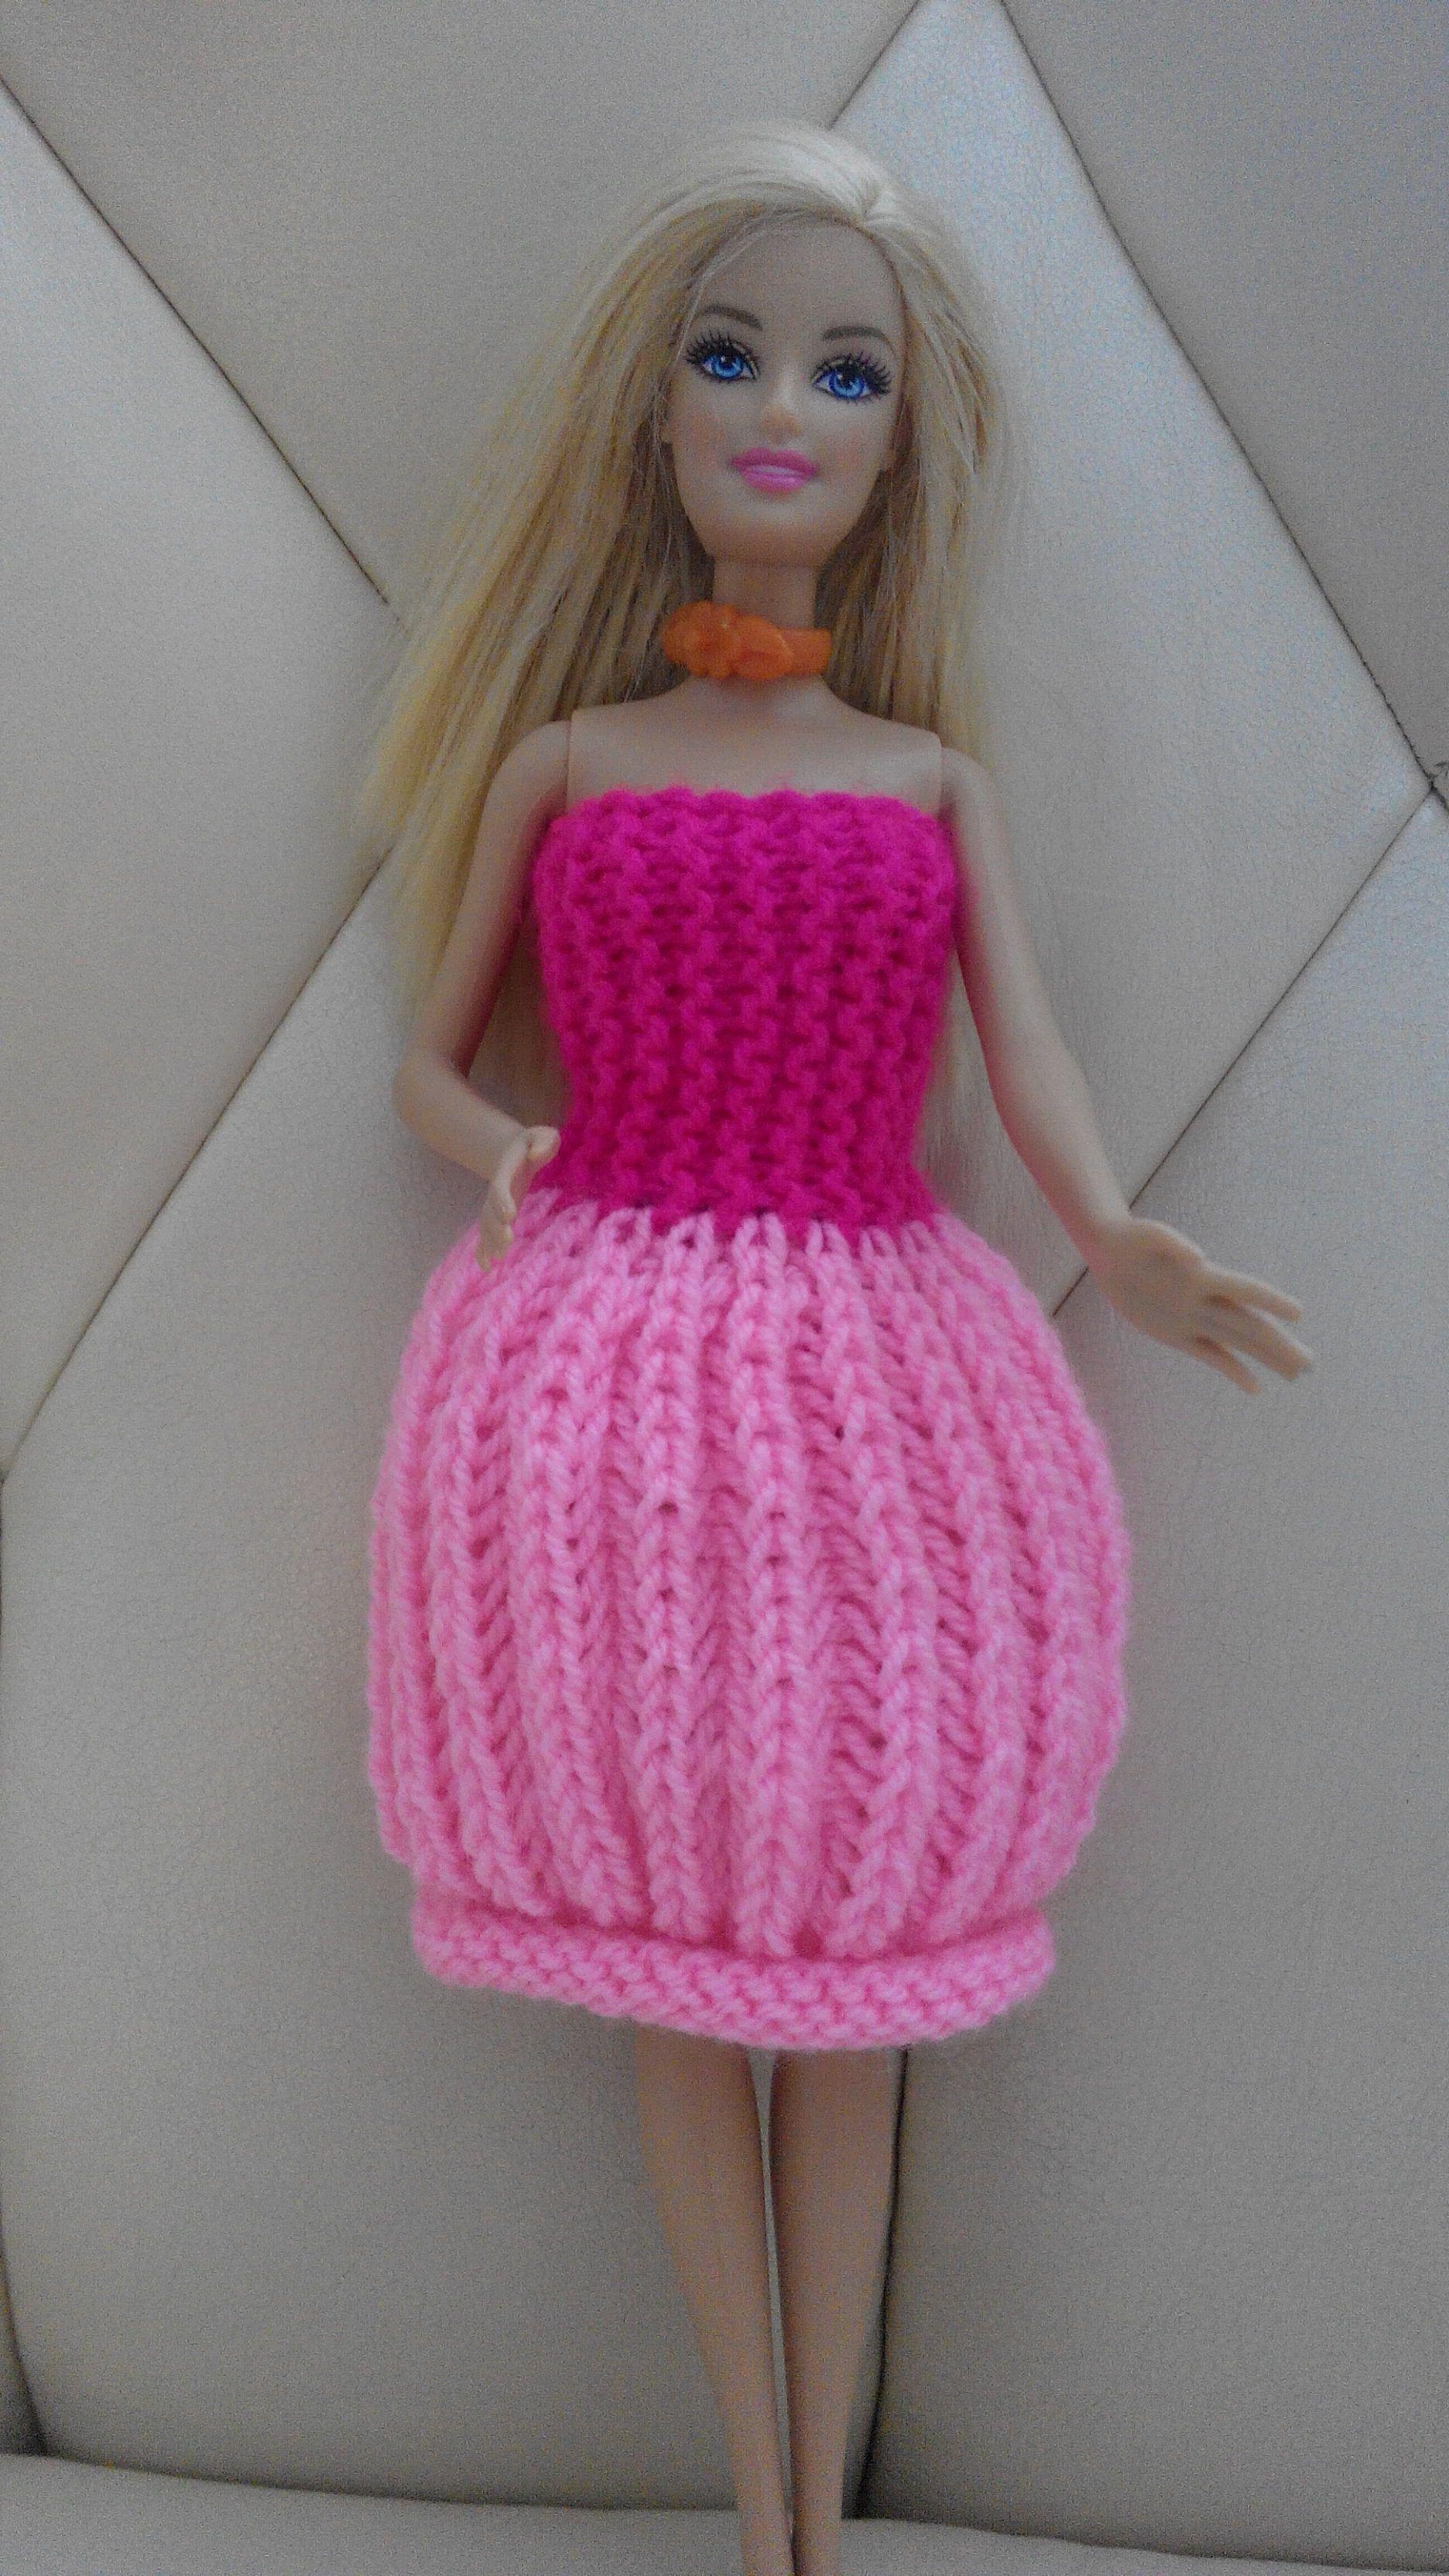 Вяжем одежду для куклы: Жакет и юбка